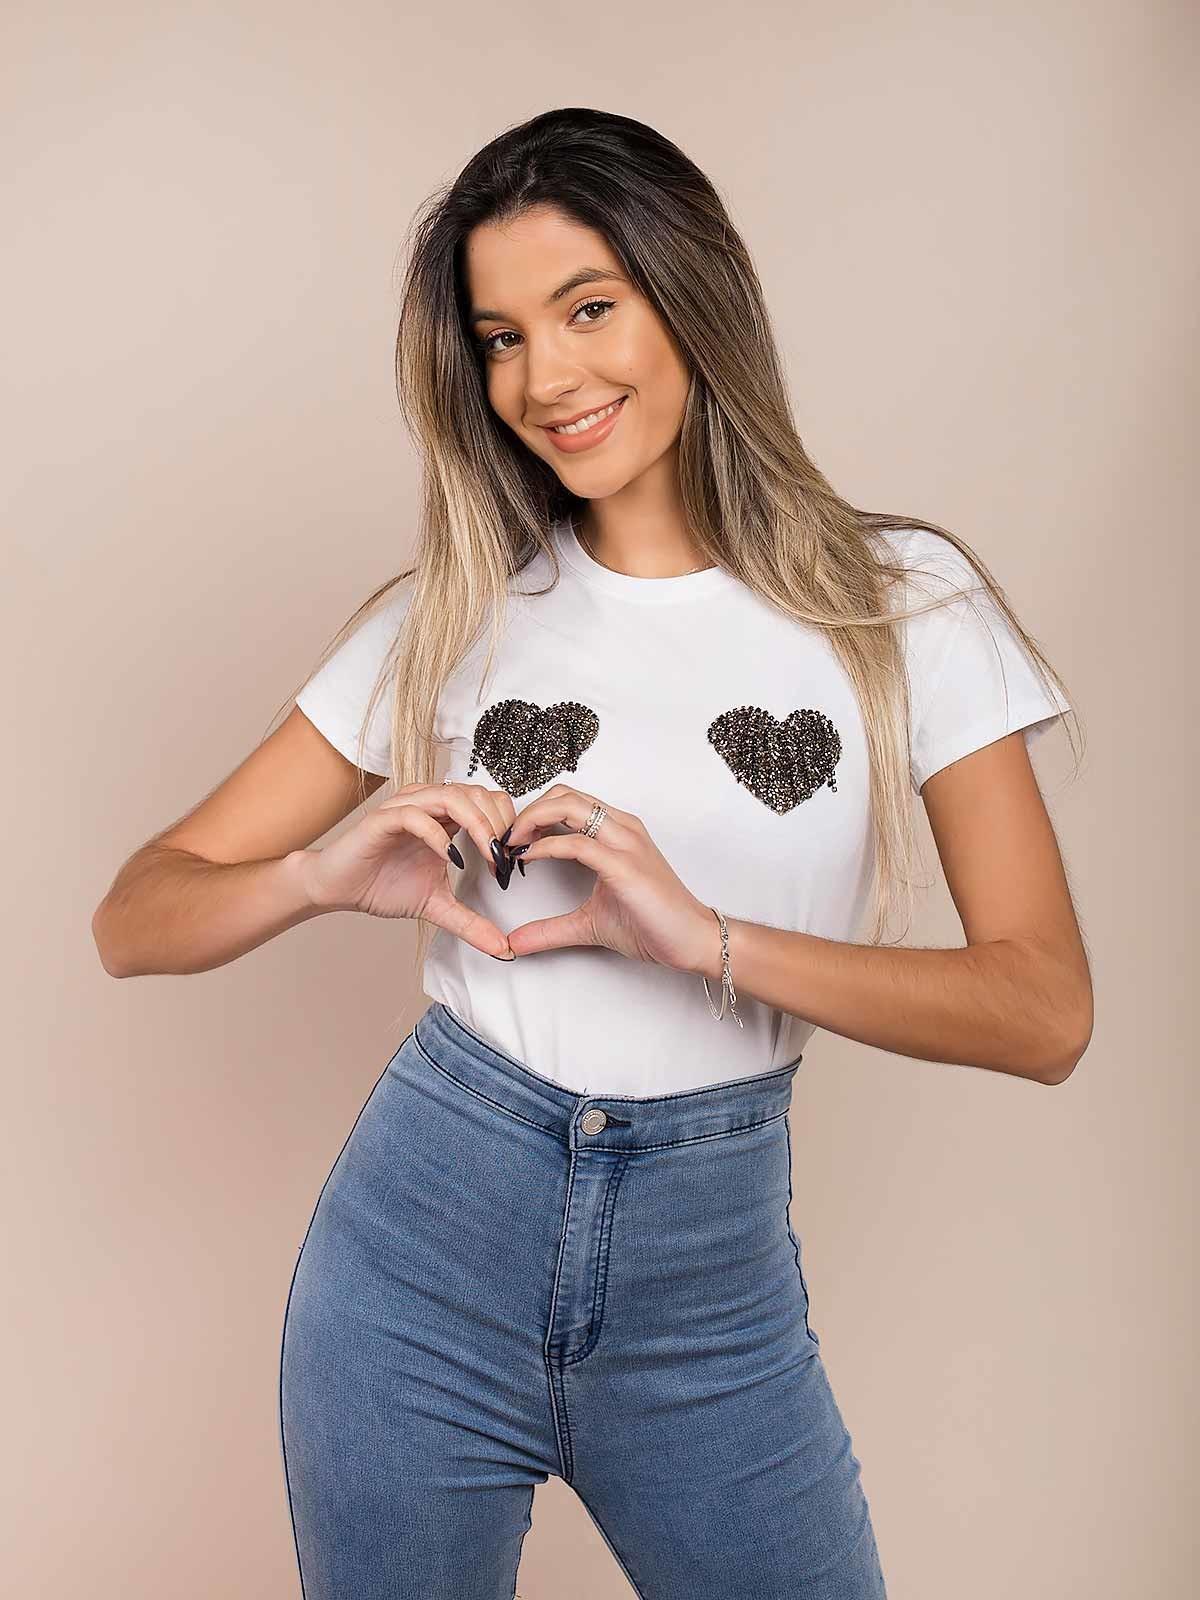 T-shirt corações com brilhantes